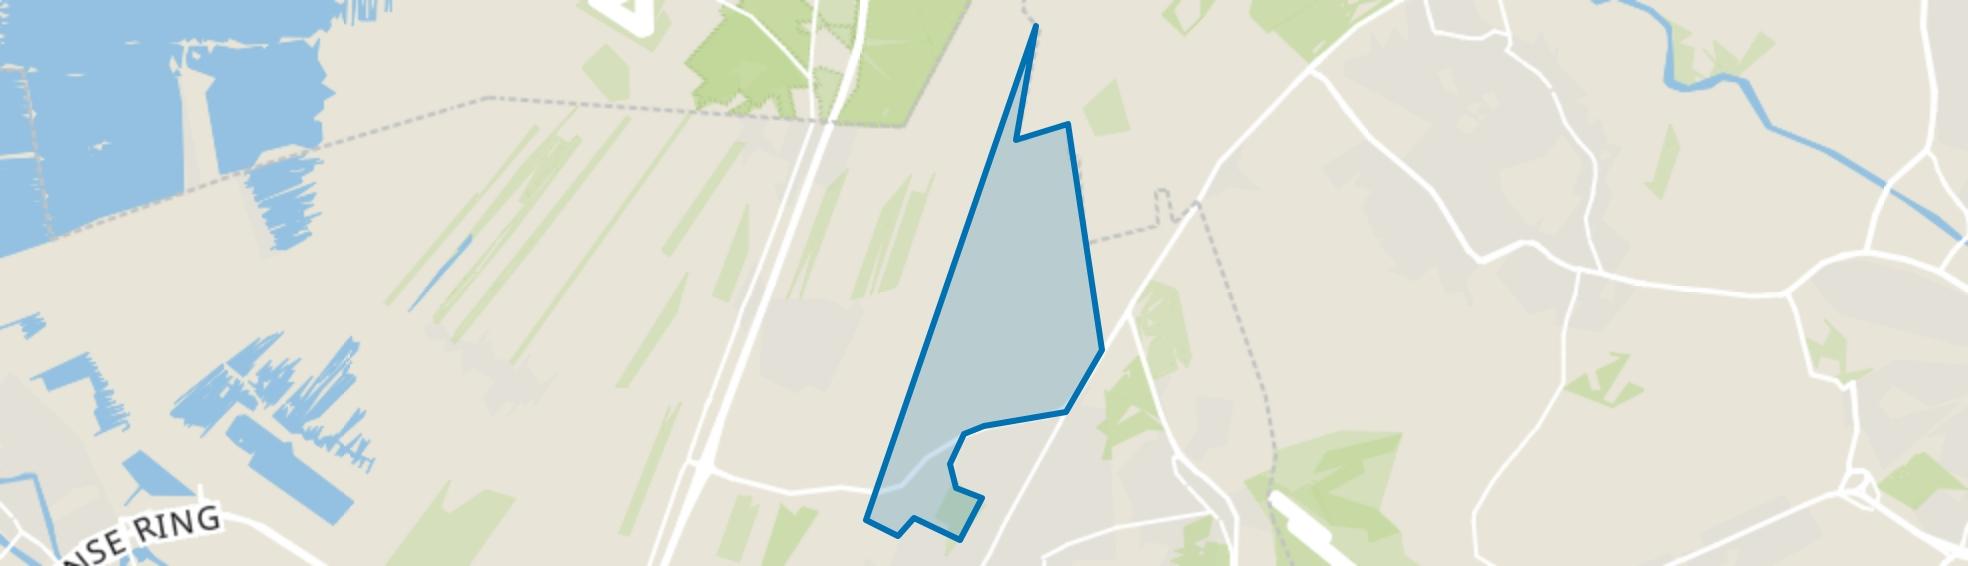 Ridderoordsche Bossen, Bilthoven map